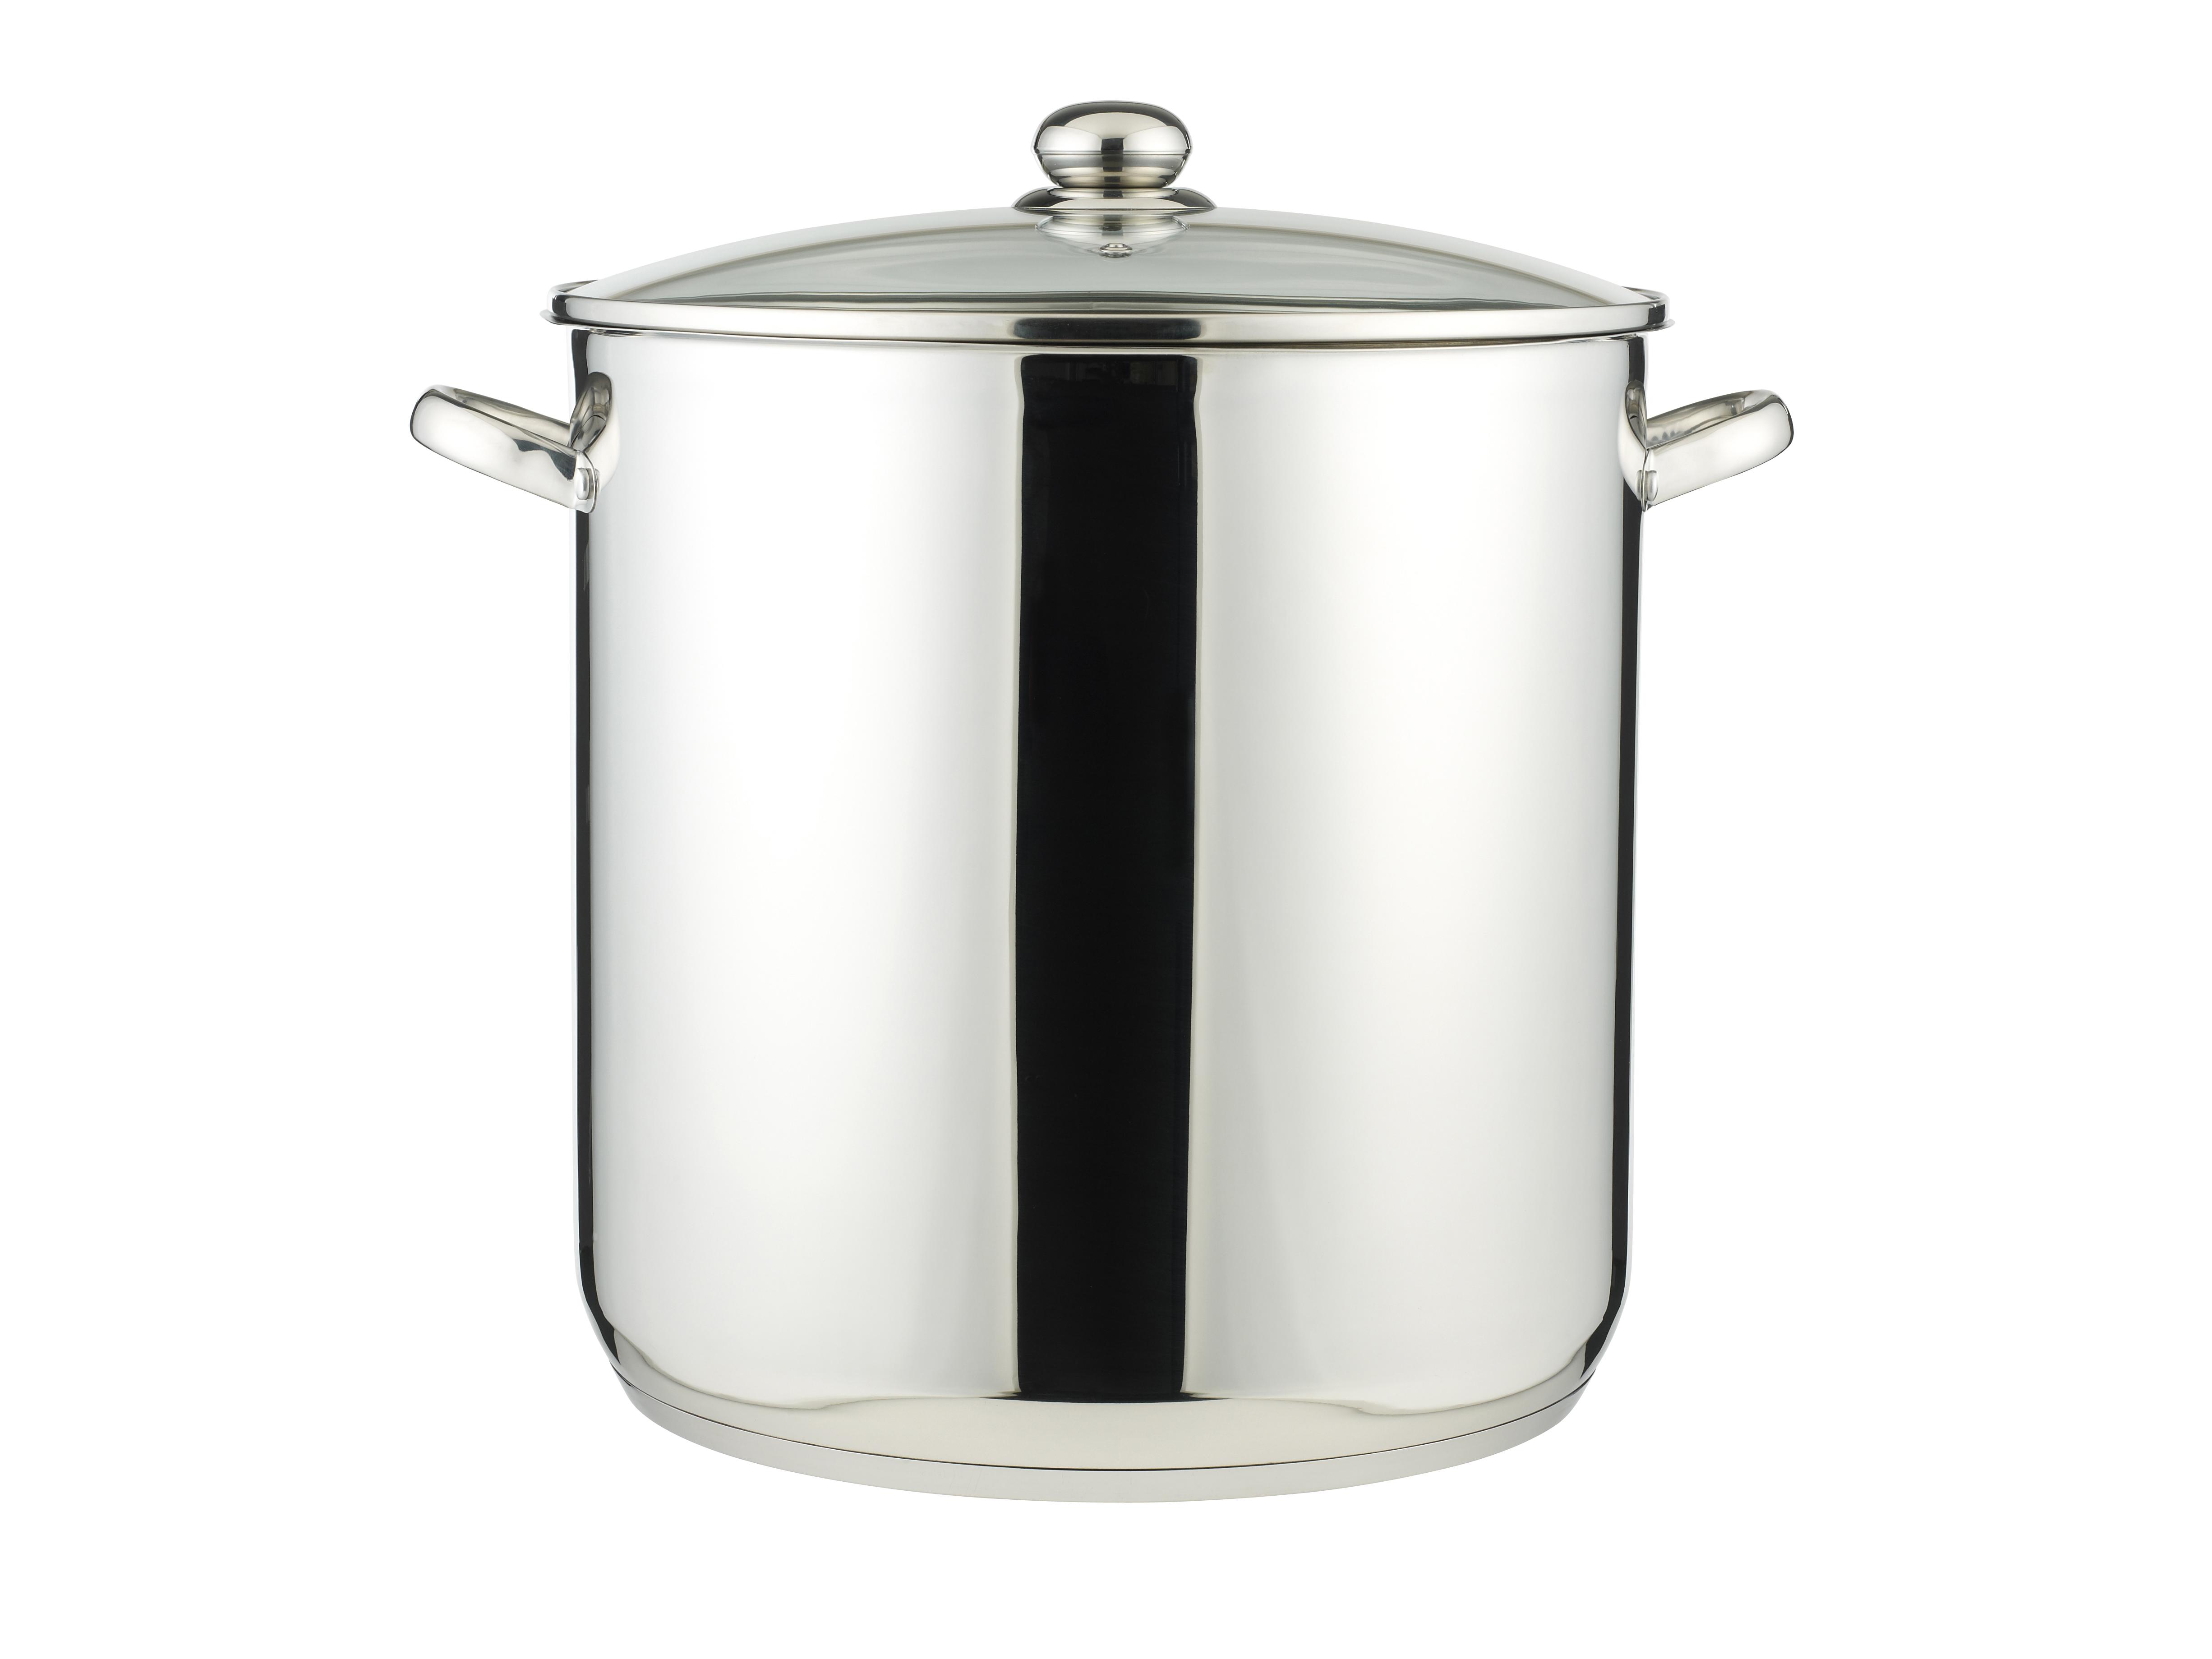 Stor Gryte 30 Liter Rustfri med Glasslokk